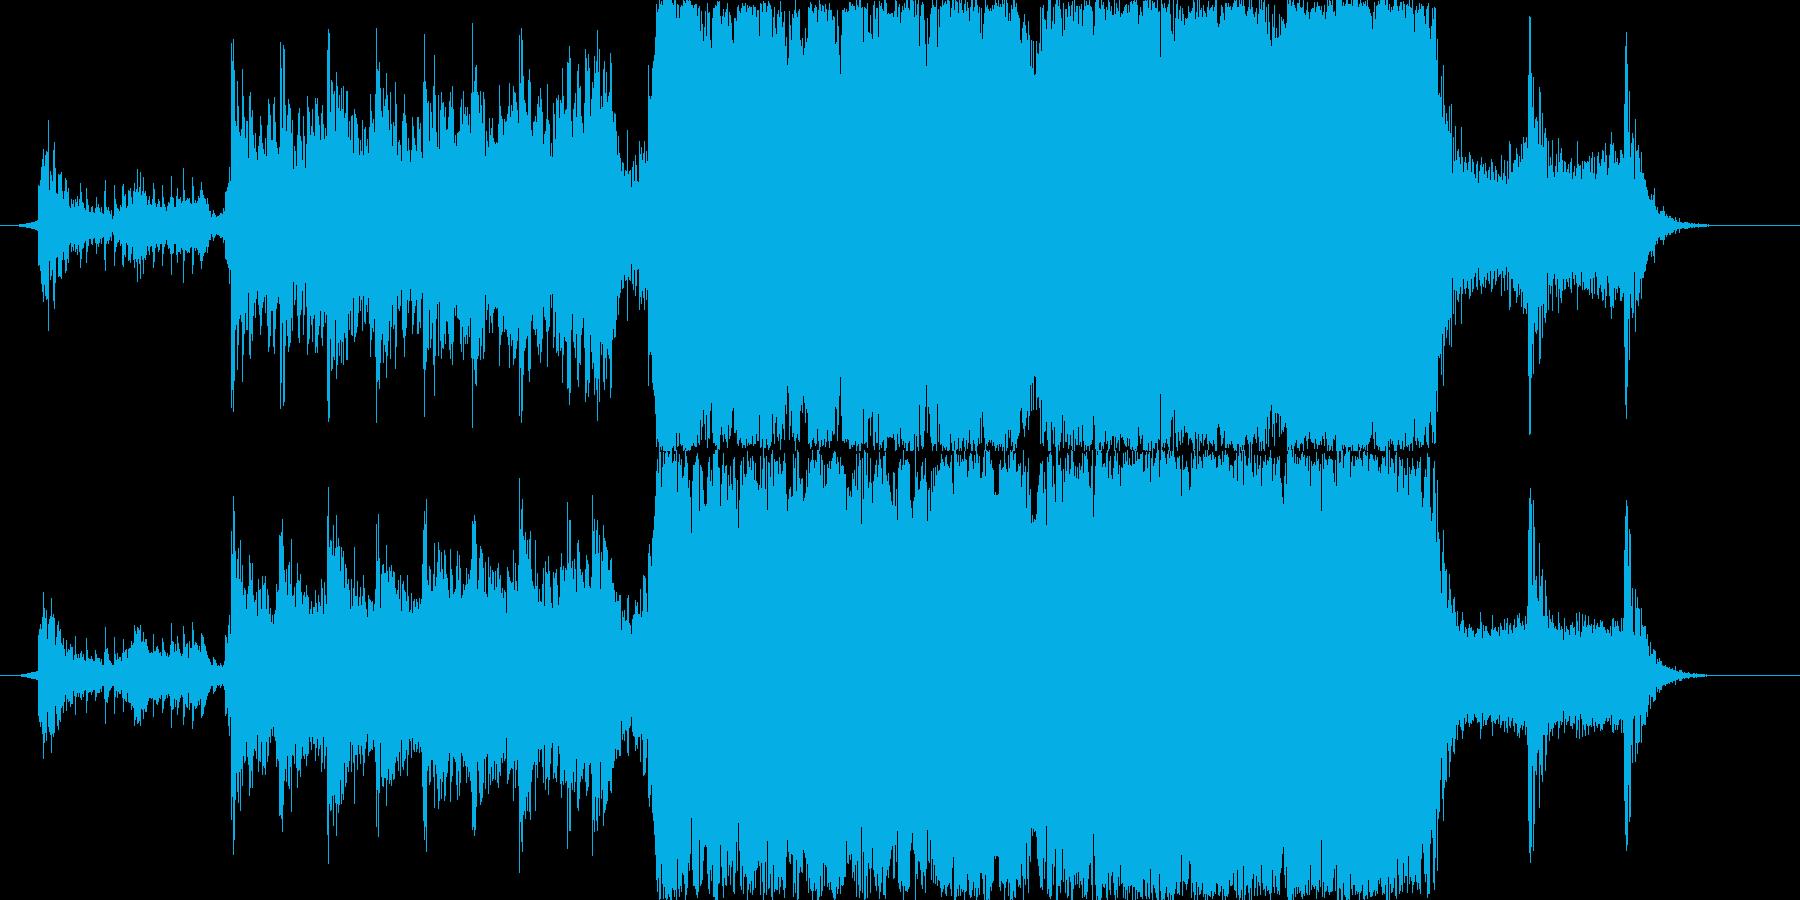 壮大な映像向けBGMの再生済みの波形